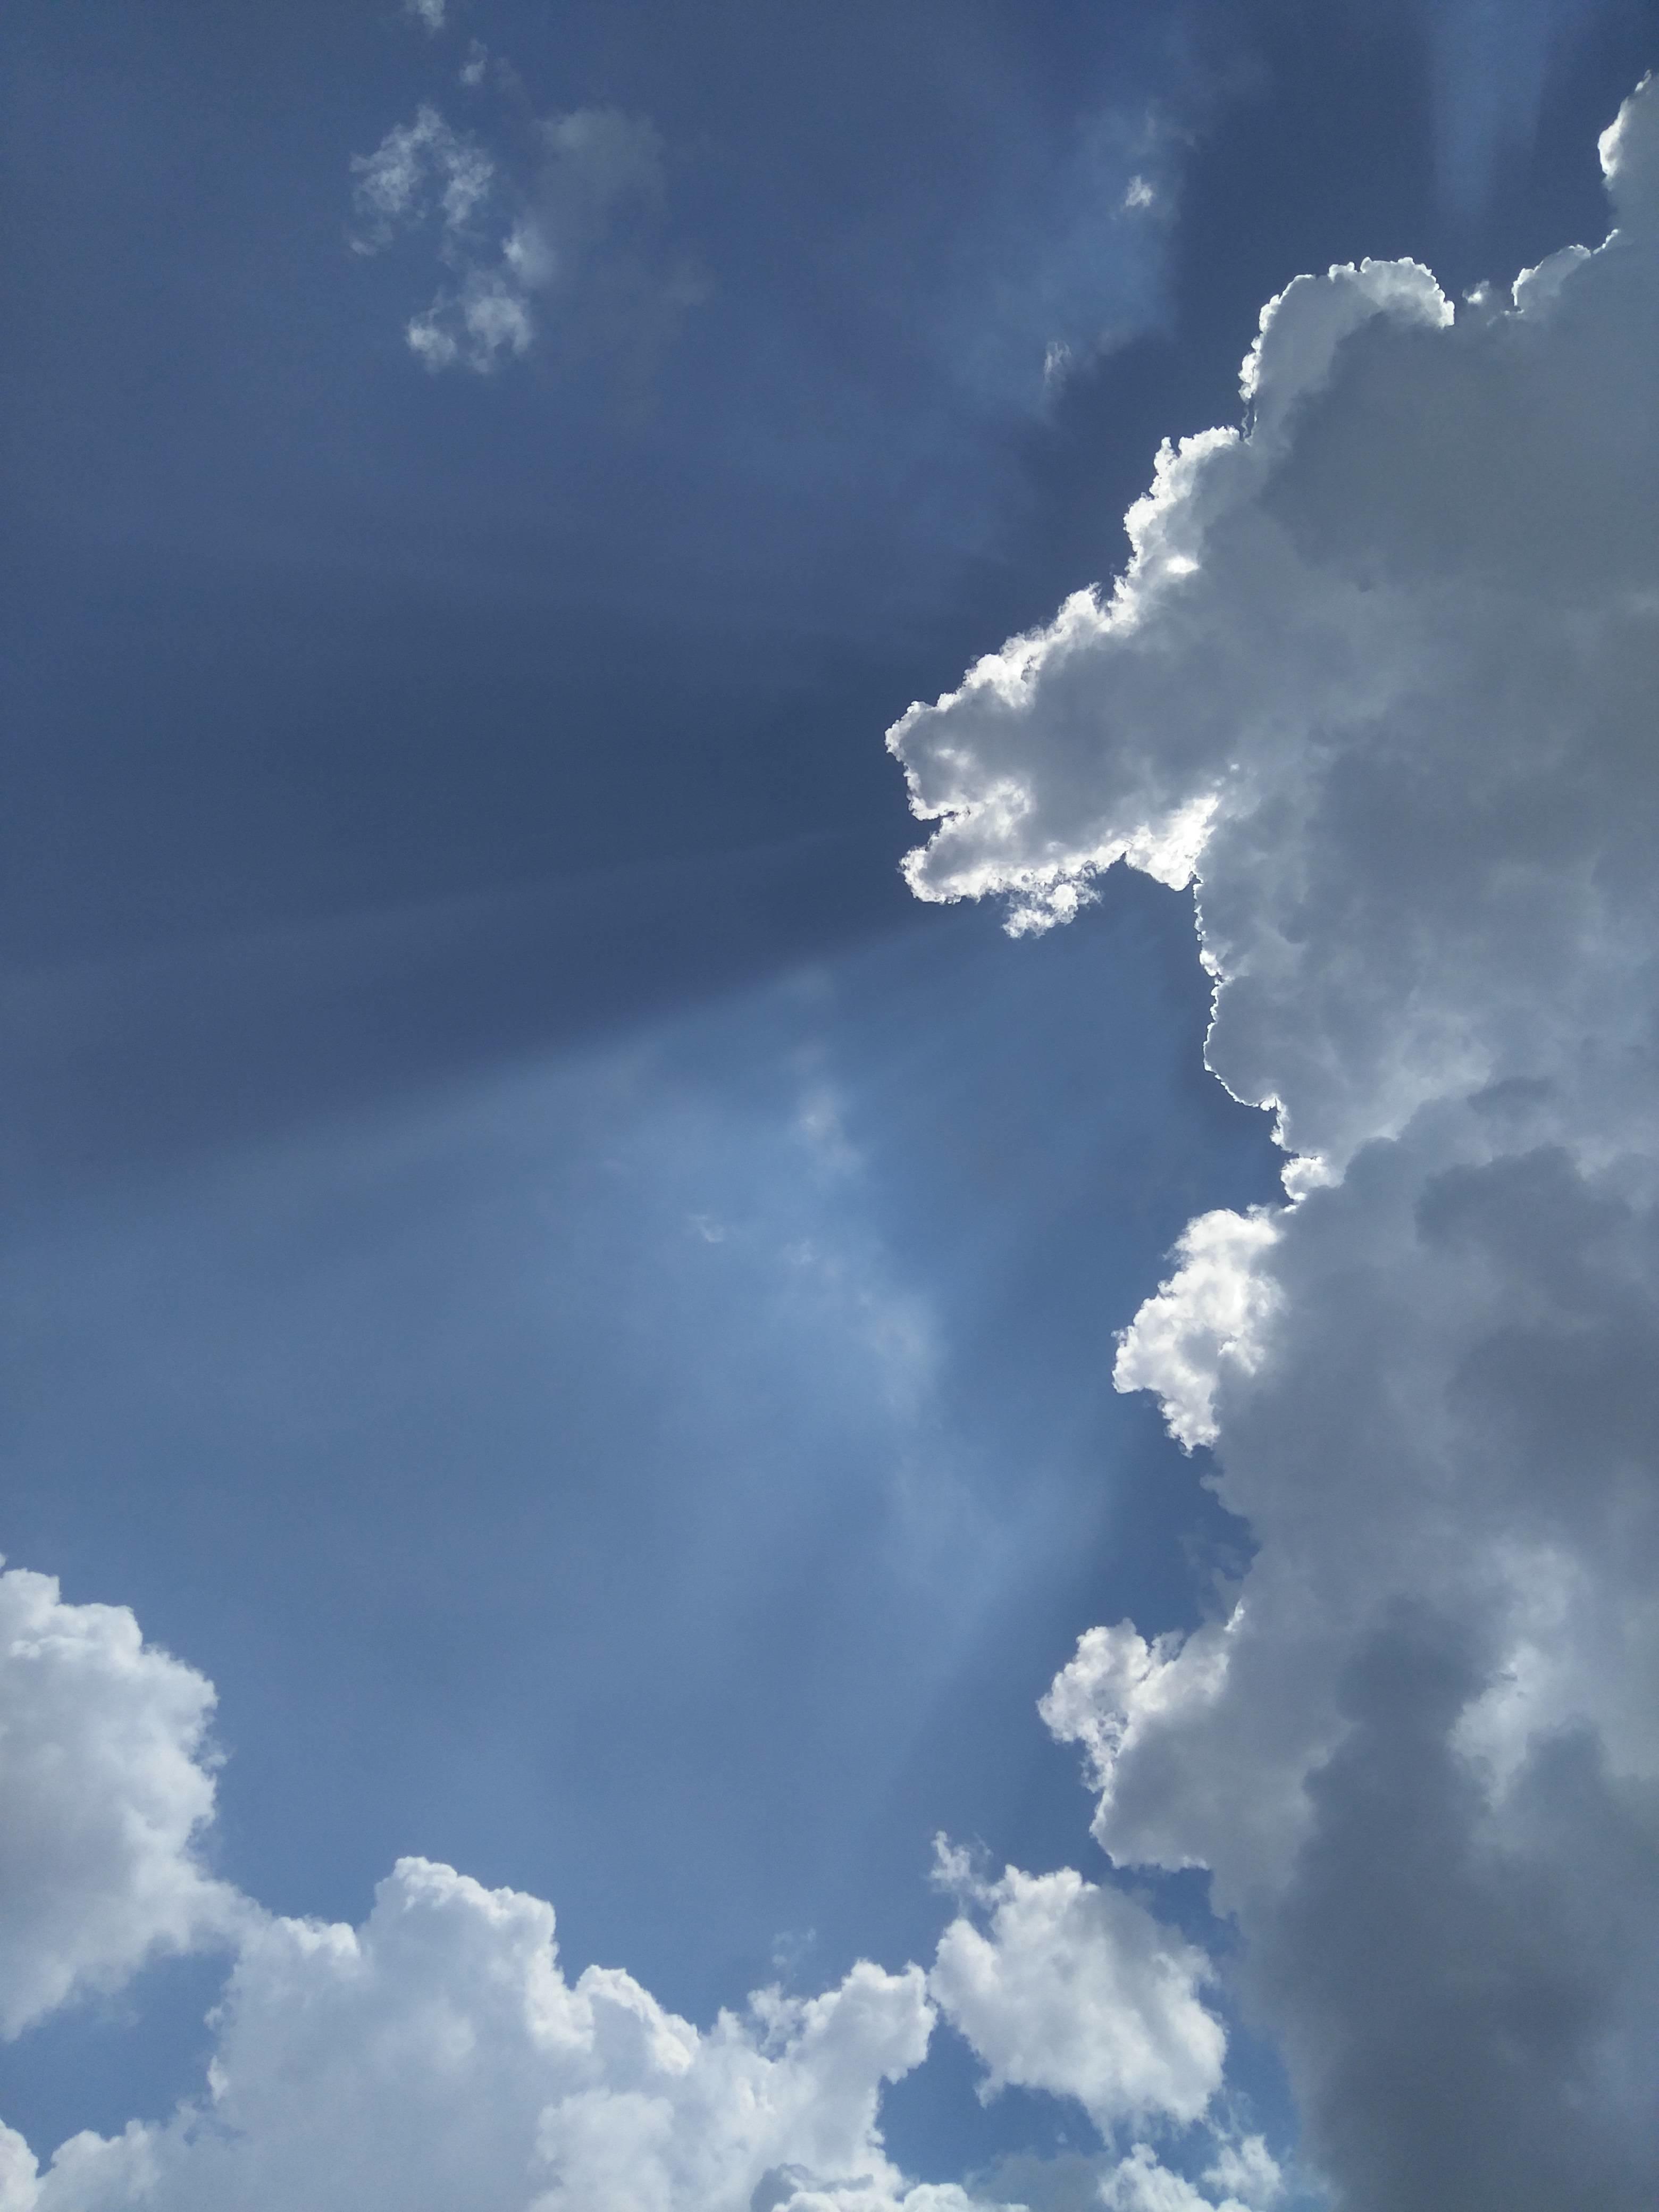 Синь небес открытки, норриса смешные картинки